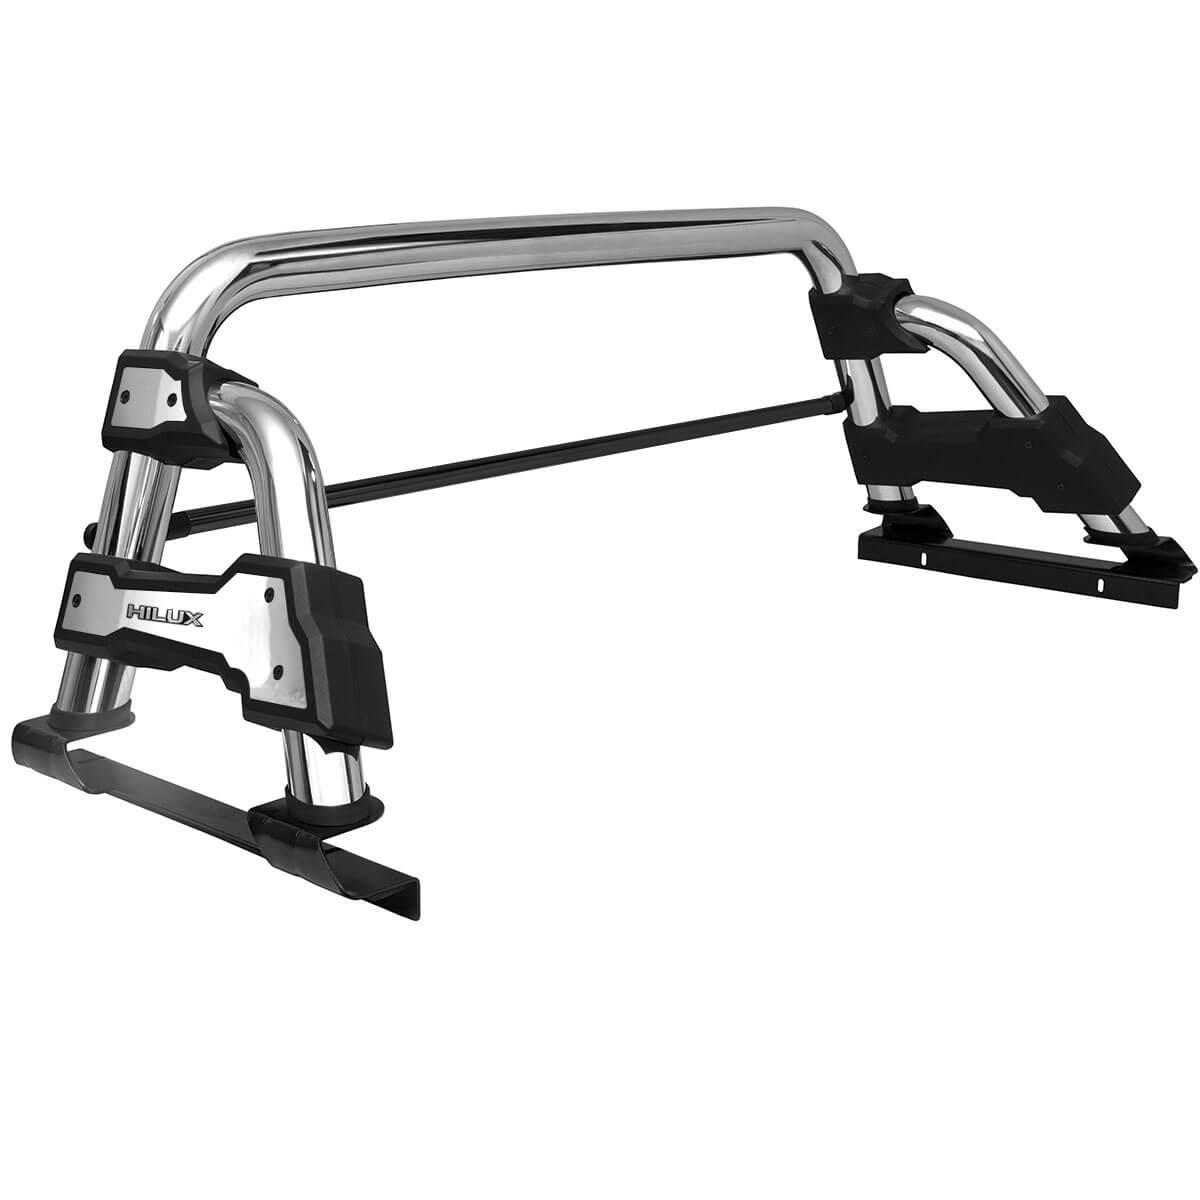 Santo antônio Track STR cromado Hilux 2005 a 2015 com barra